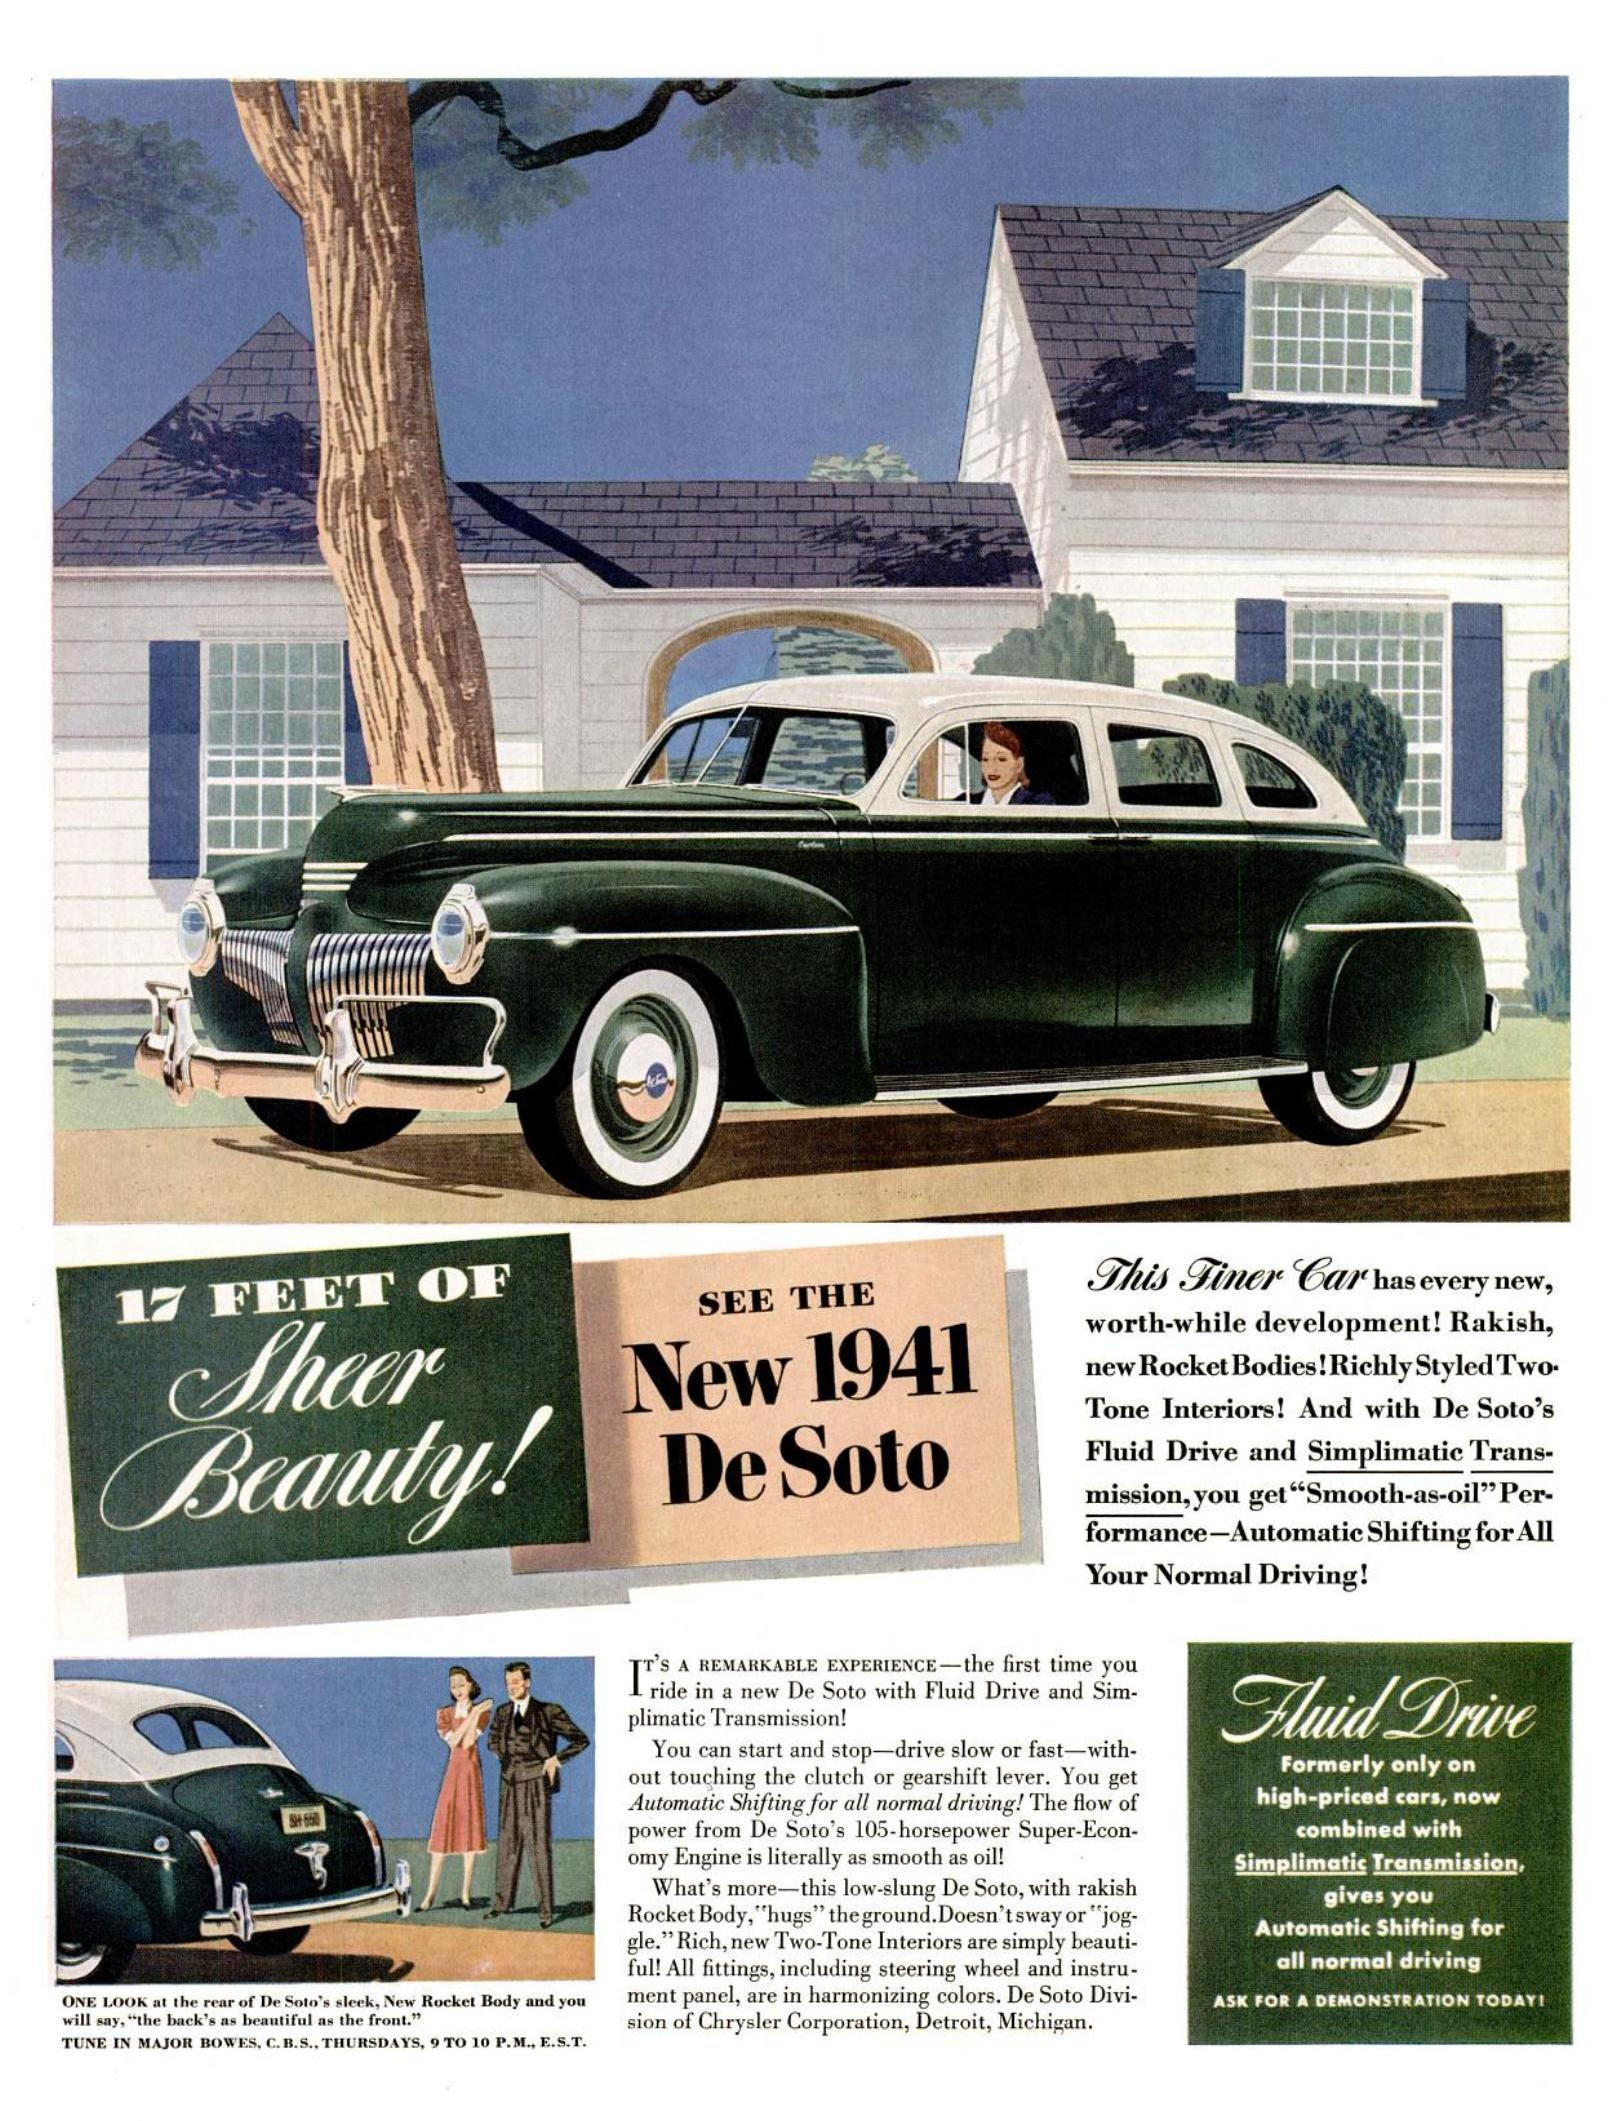 1941 De Soto - published in Life - November 25, 1941